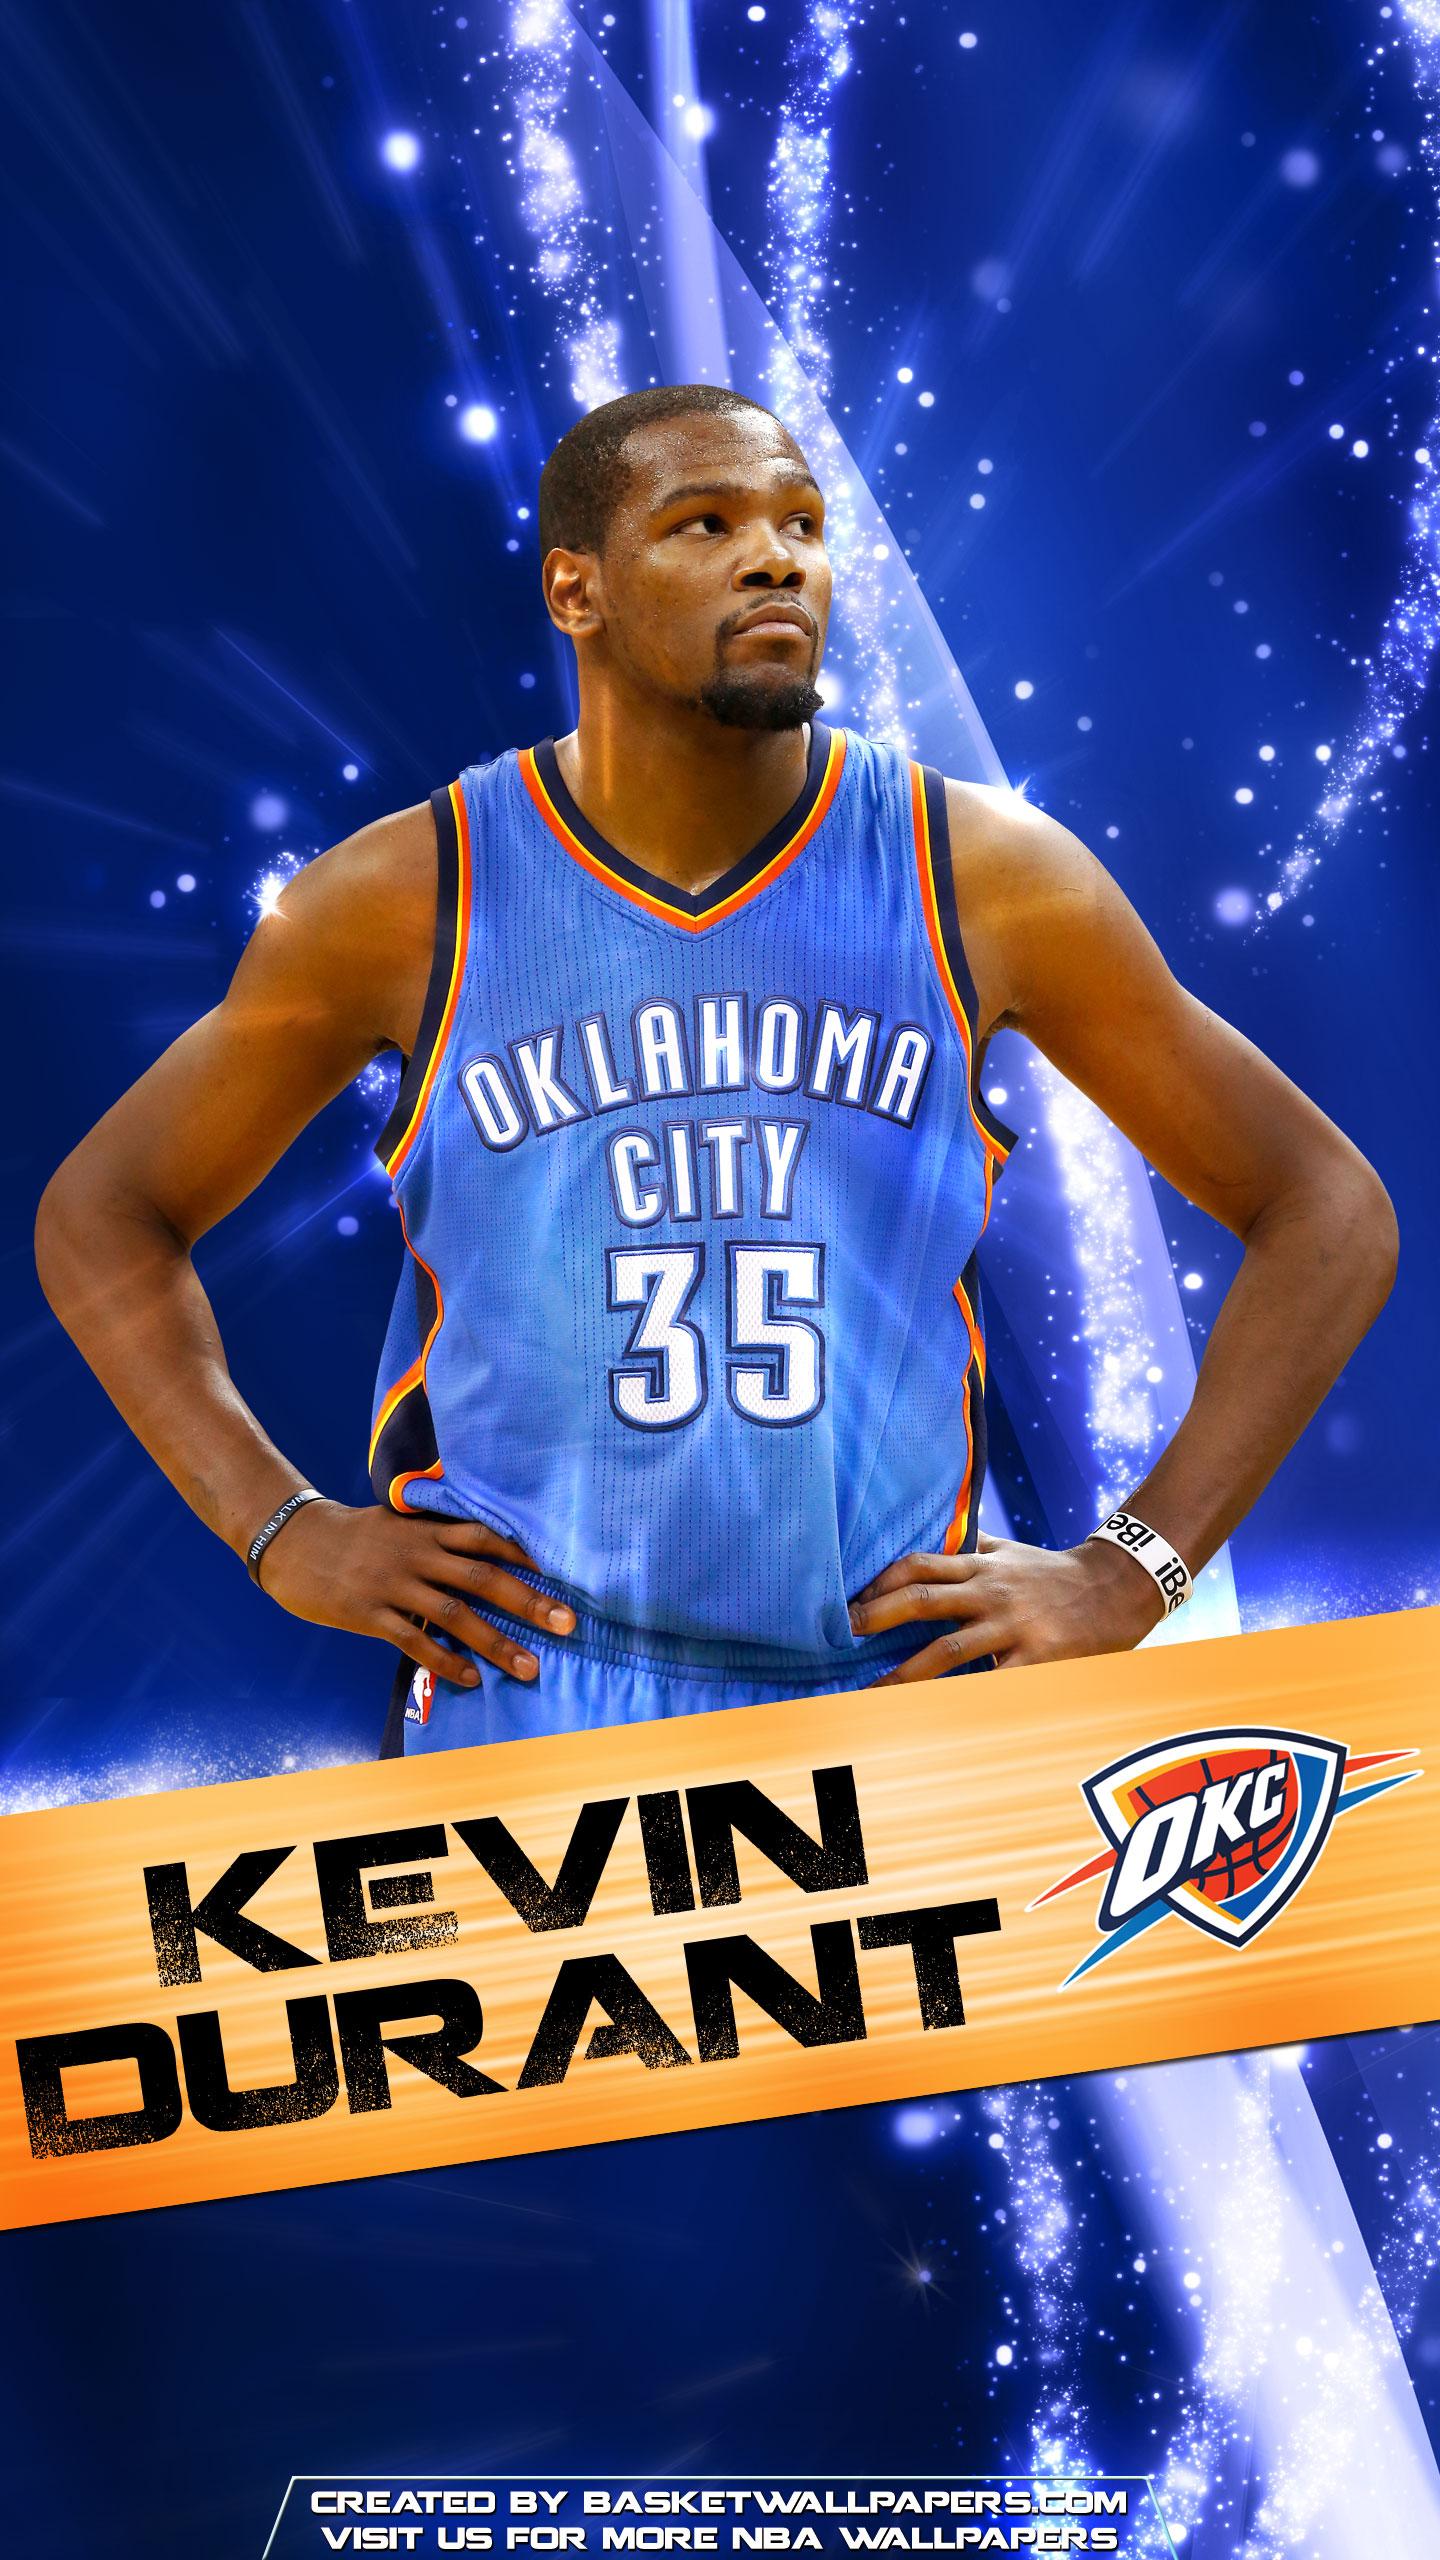 Kevin Durant OKC Thunder 2016 Mobile Wallpaper Basketball 1440x2560